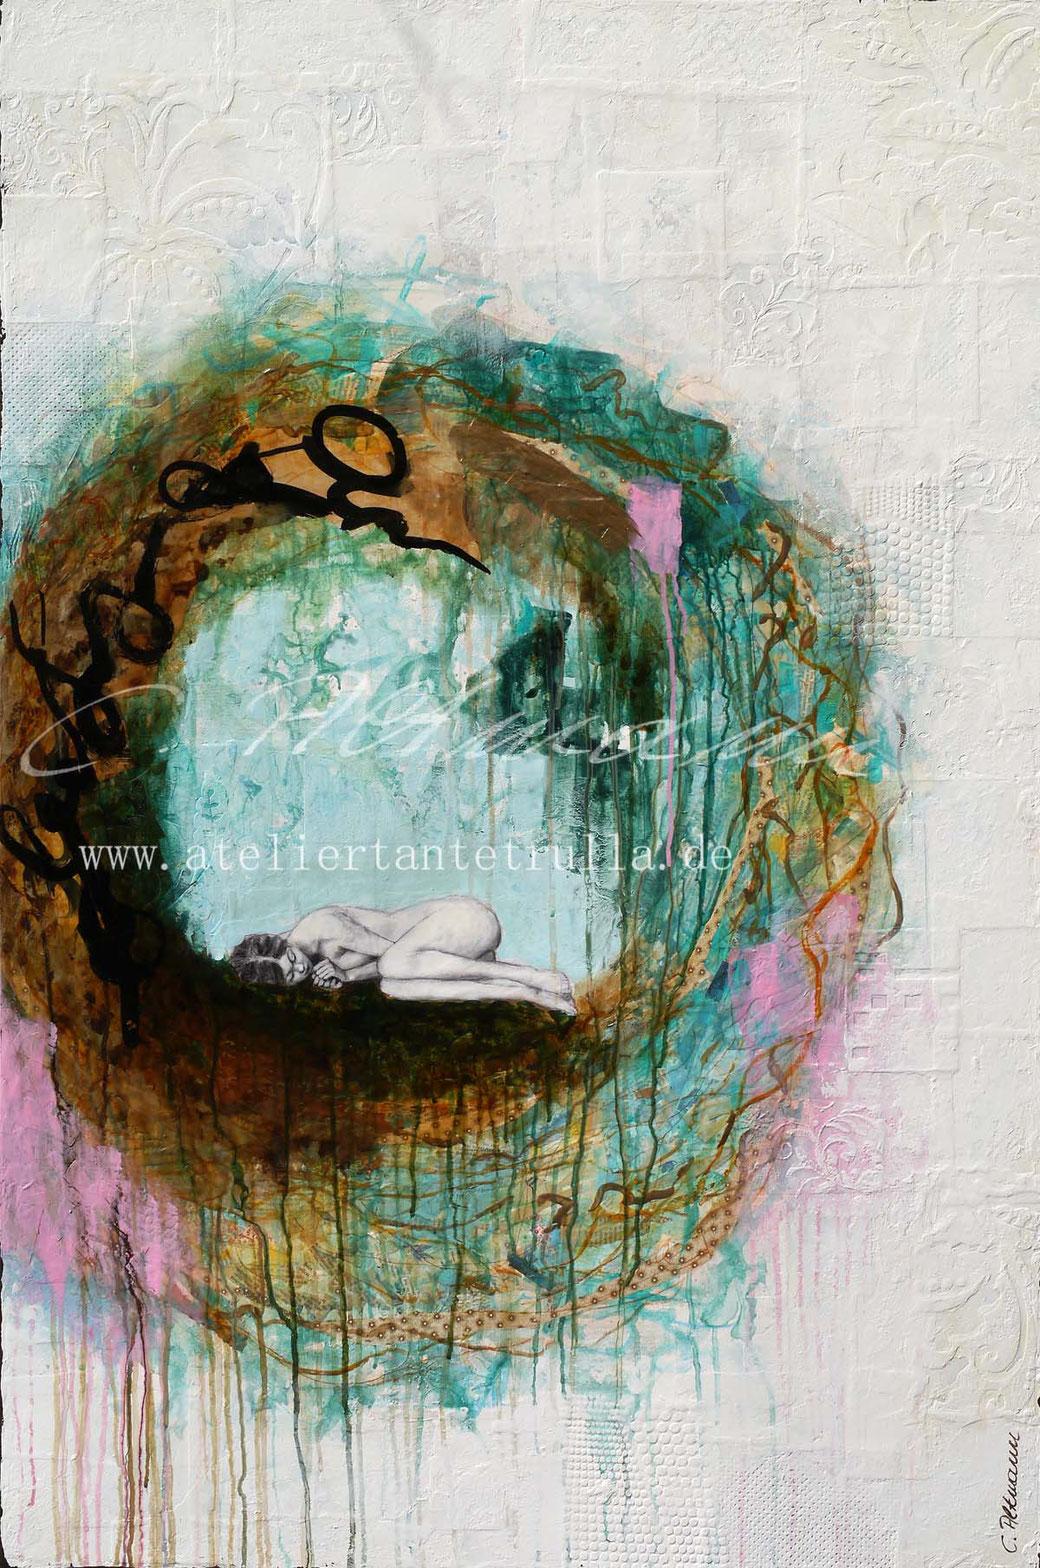 abstraktes Gemälde mit schlafendem Mädchen in einem Nest